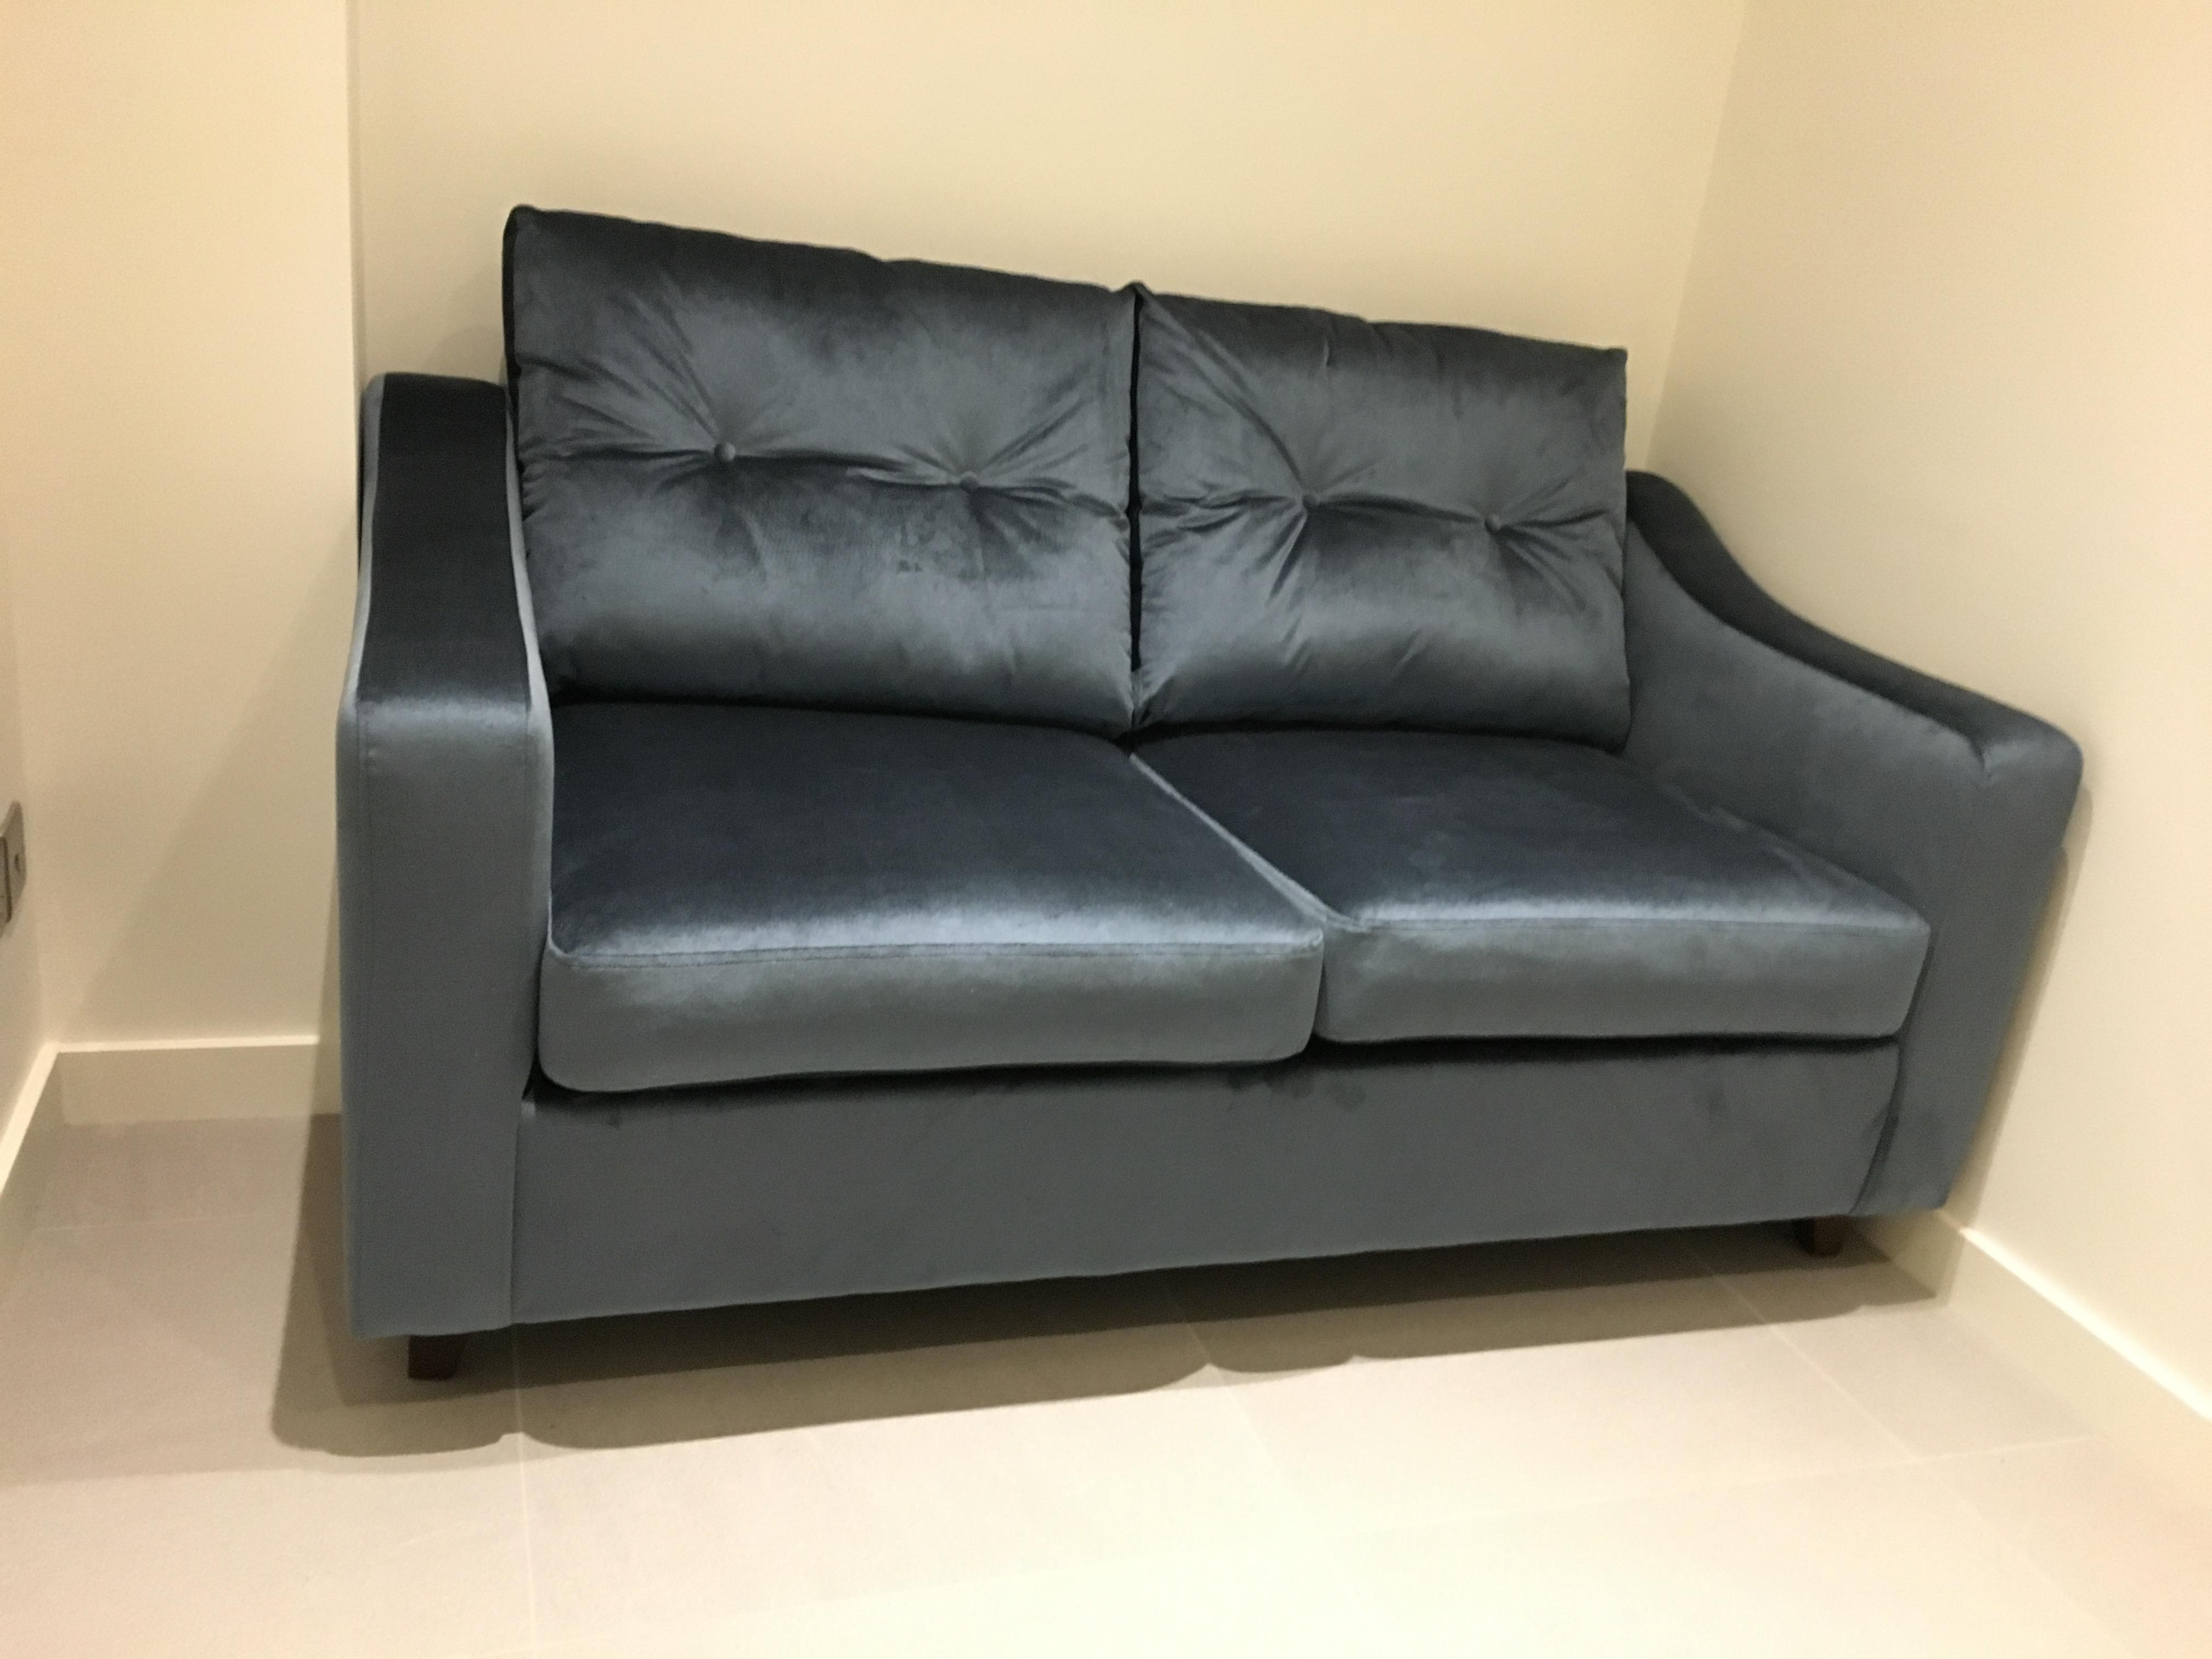 Sofa Beds Near Me   Sofa & Sofa Bed Company Sofa & Sofa Bed Co